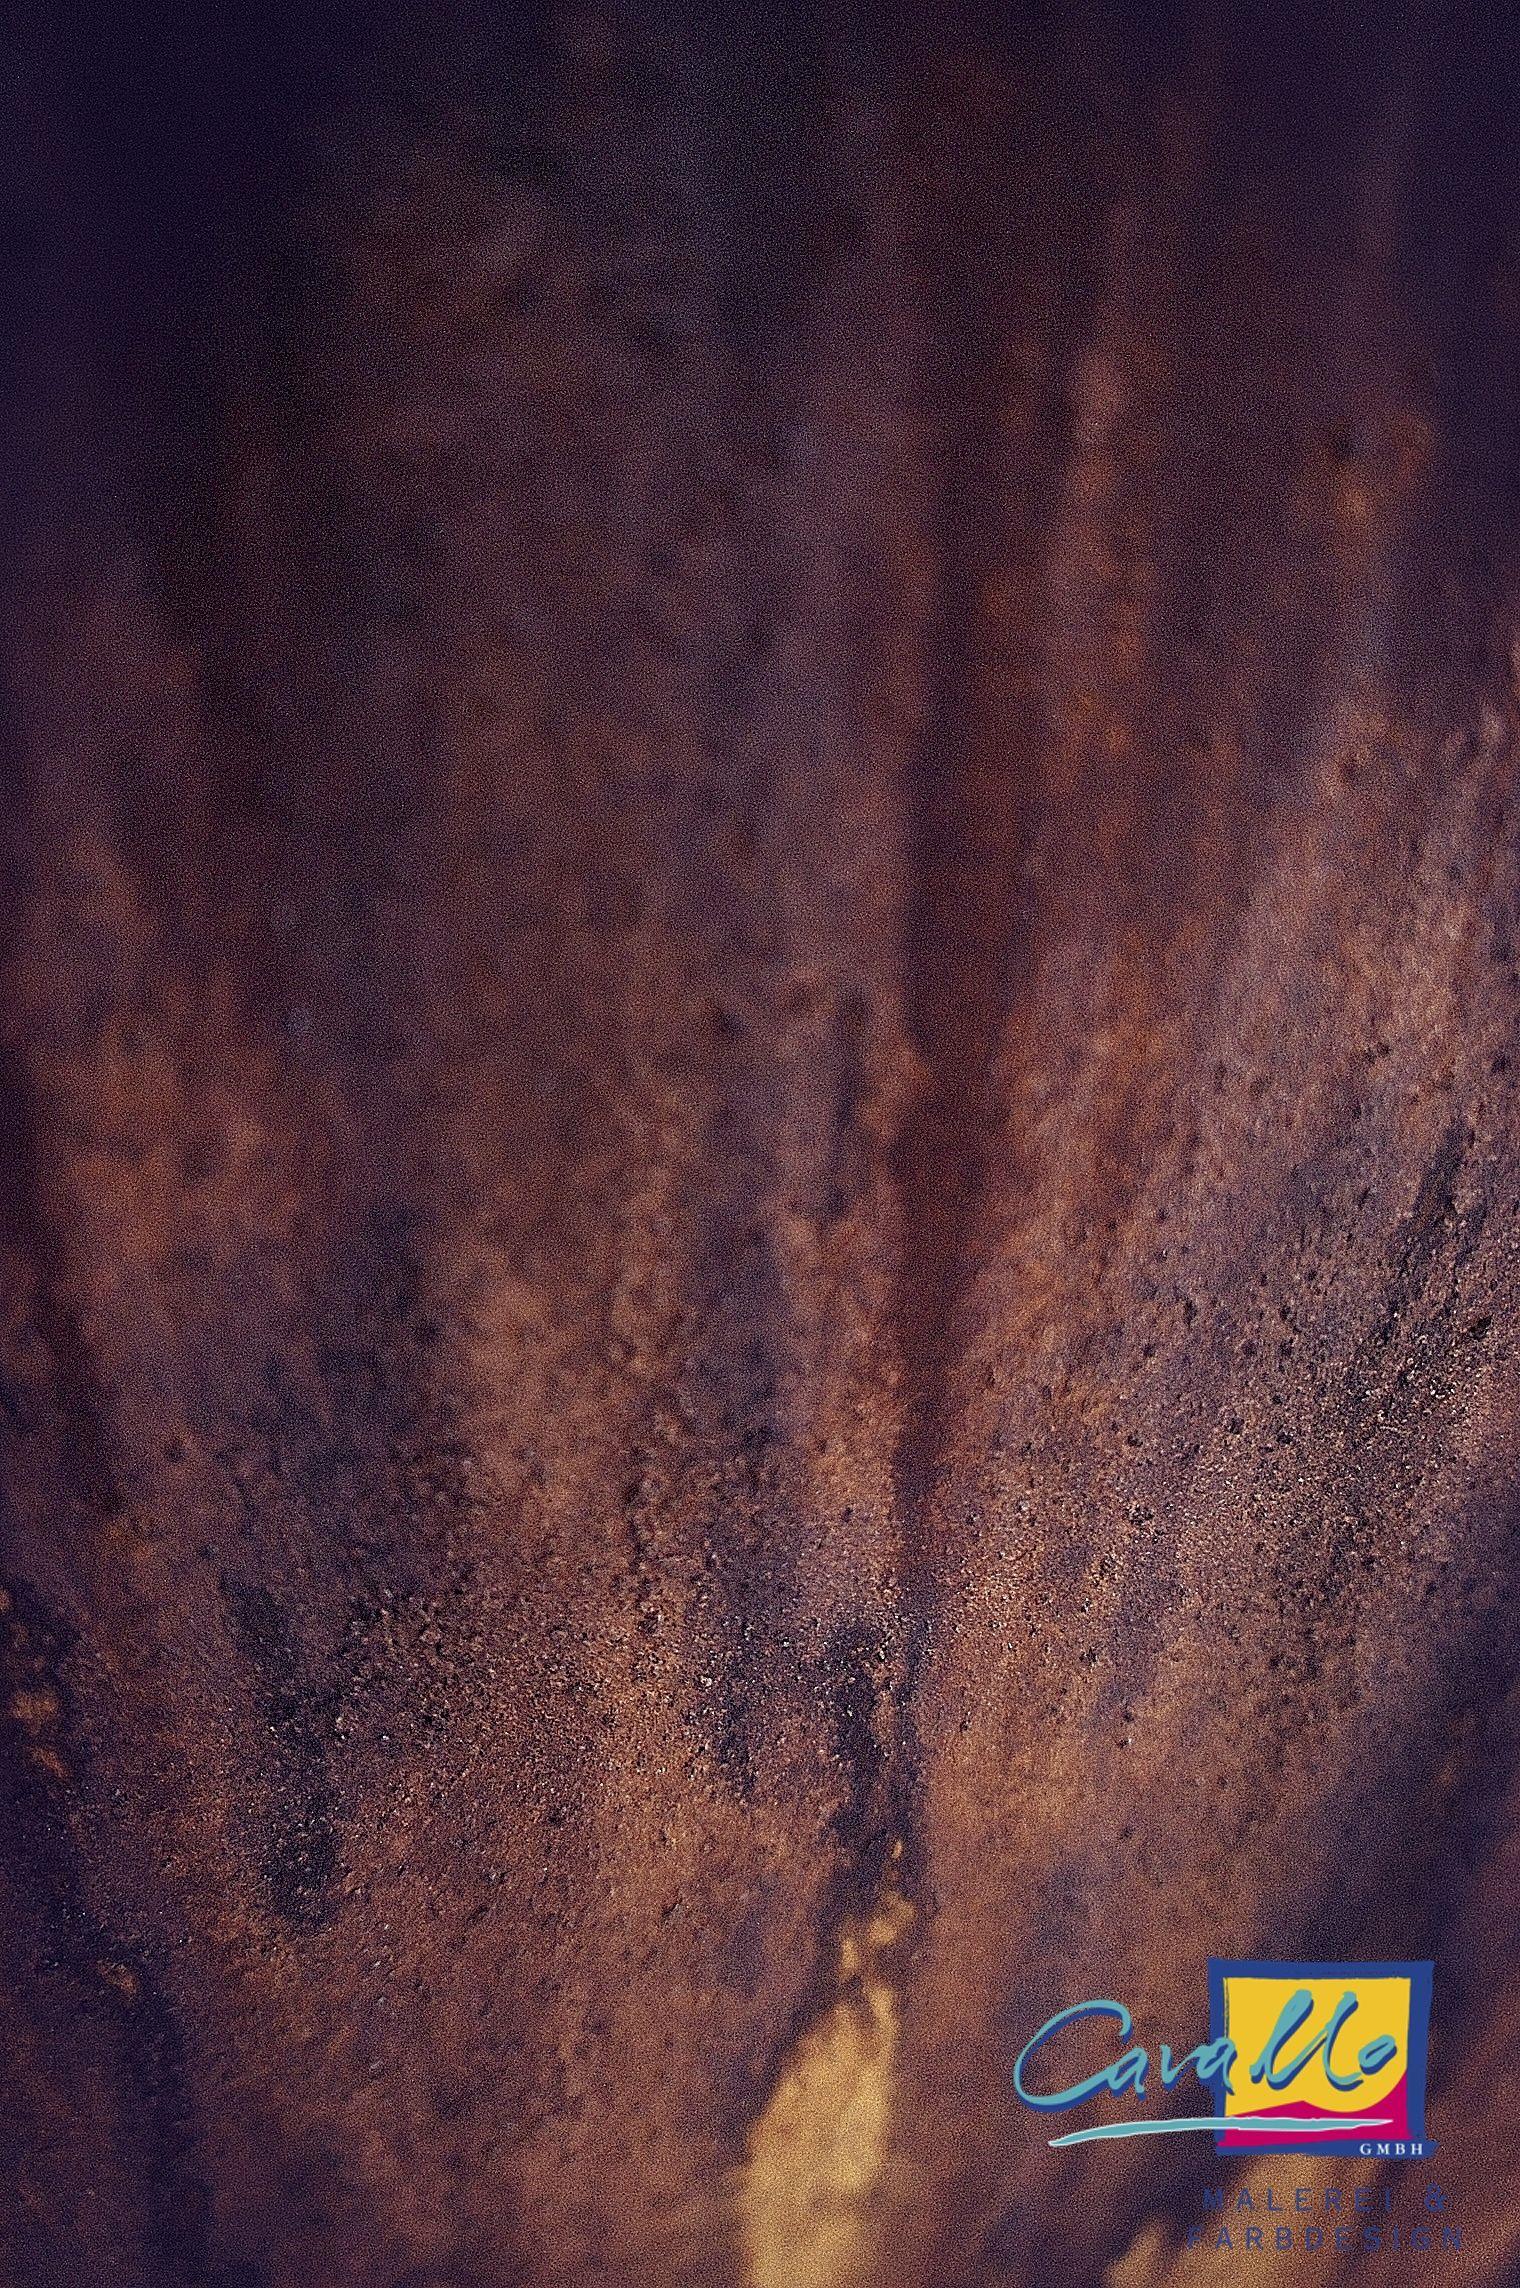 Rostoptik. Ein ganz besondere Wandgestaltung! #rost #rostoptik #iron #ironpaint #special #walldesign #Wandgestaltung #Design #wohnzimmer #livingroom #home #zuhause #edelputz #stucco #farbe #color #maler #Mannheim #Stuttgart #Heidelberg #Schwetzingen #cavallo